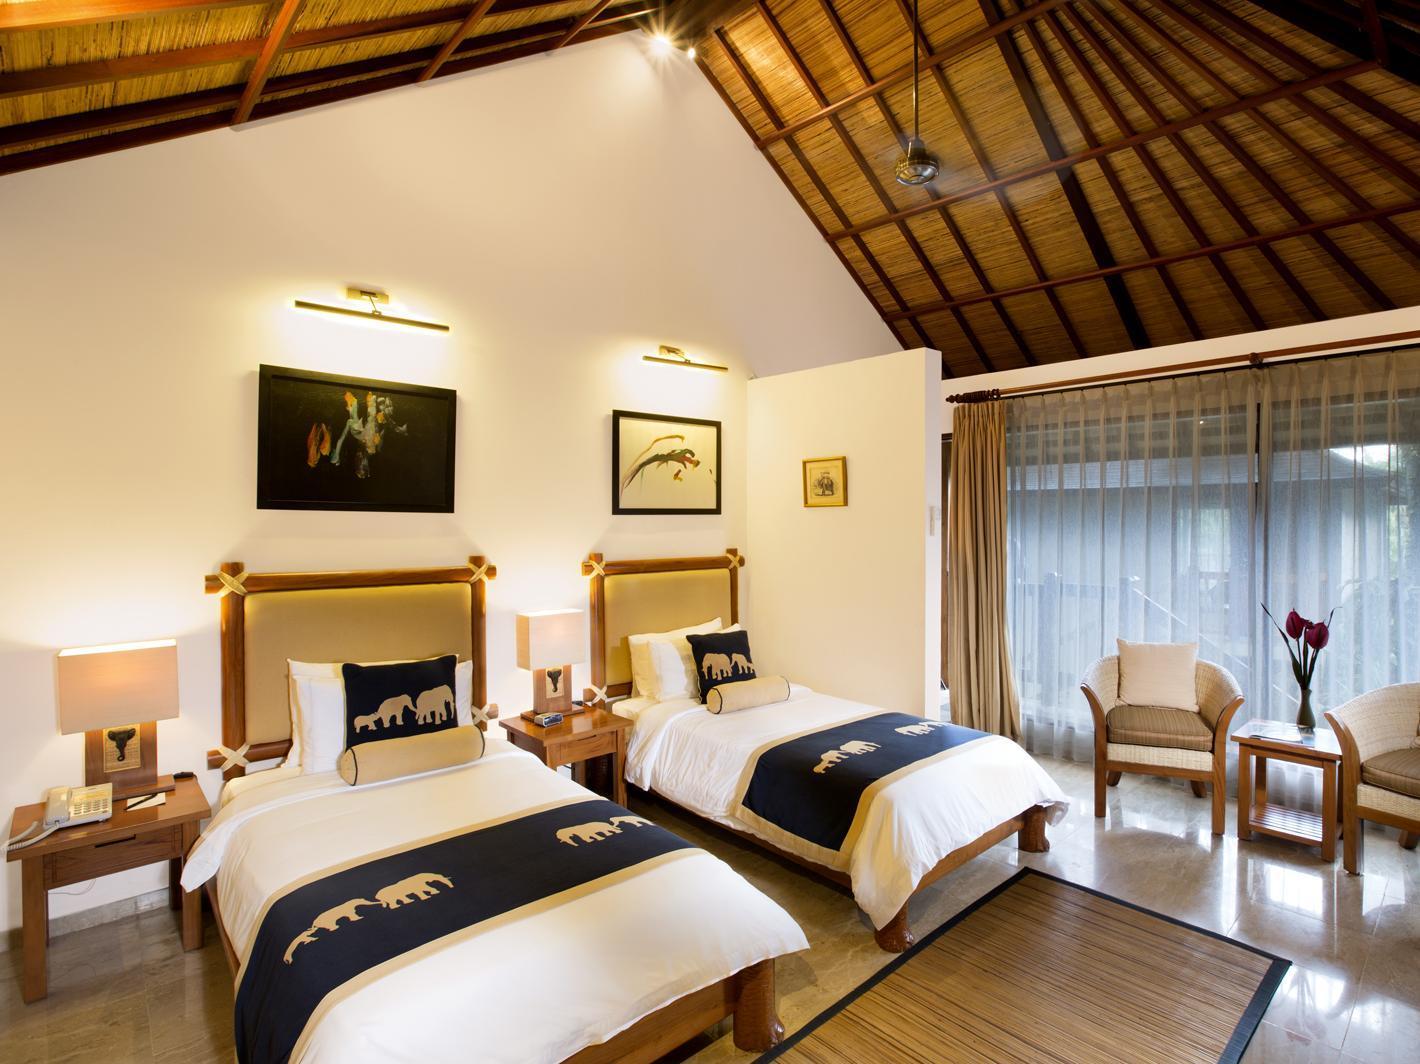 http://pix6.agoda.net/hotelImages/108/108438/108438_14022409400018433233.jpg